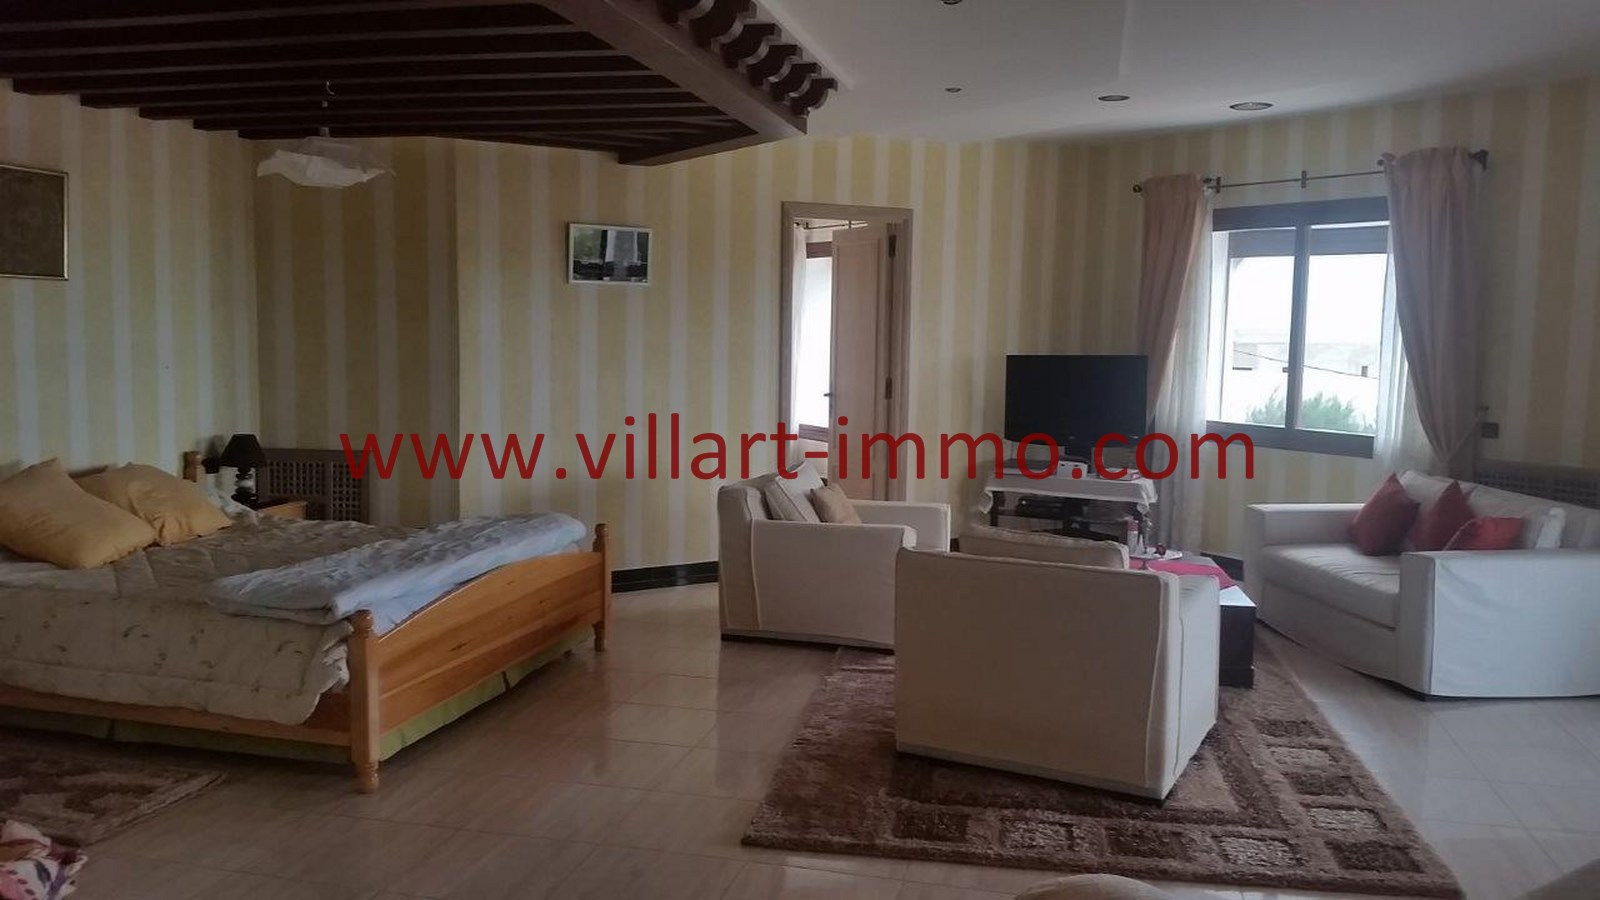 14-A louer-Villa-Meublée-Tanger-Achakar-Chambre 4-LSAT914-Villart immo